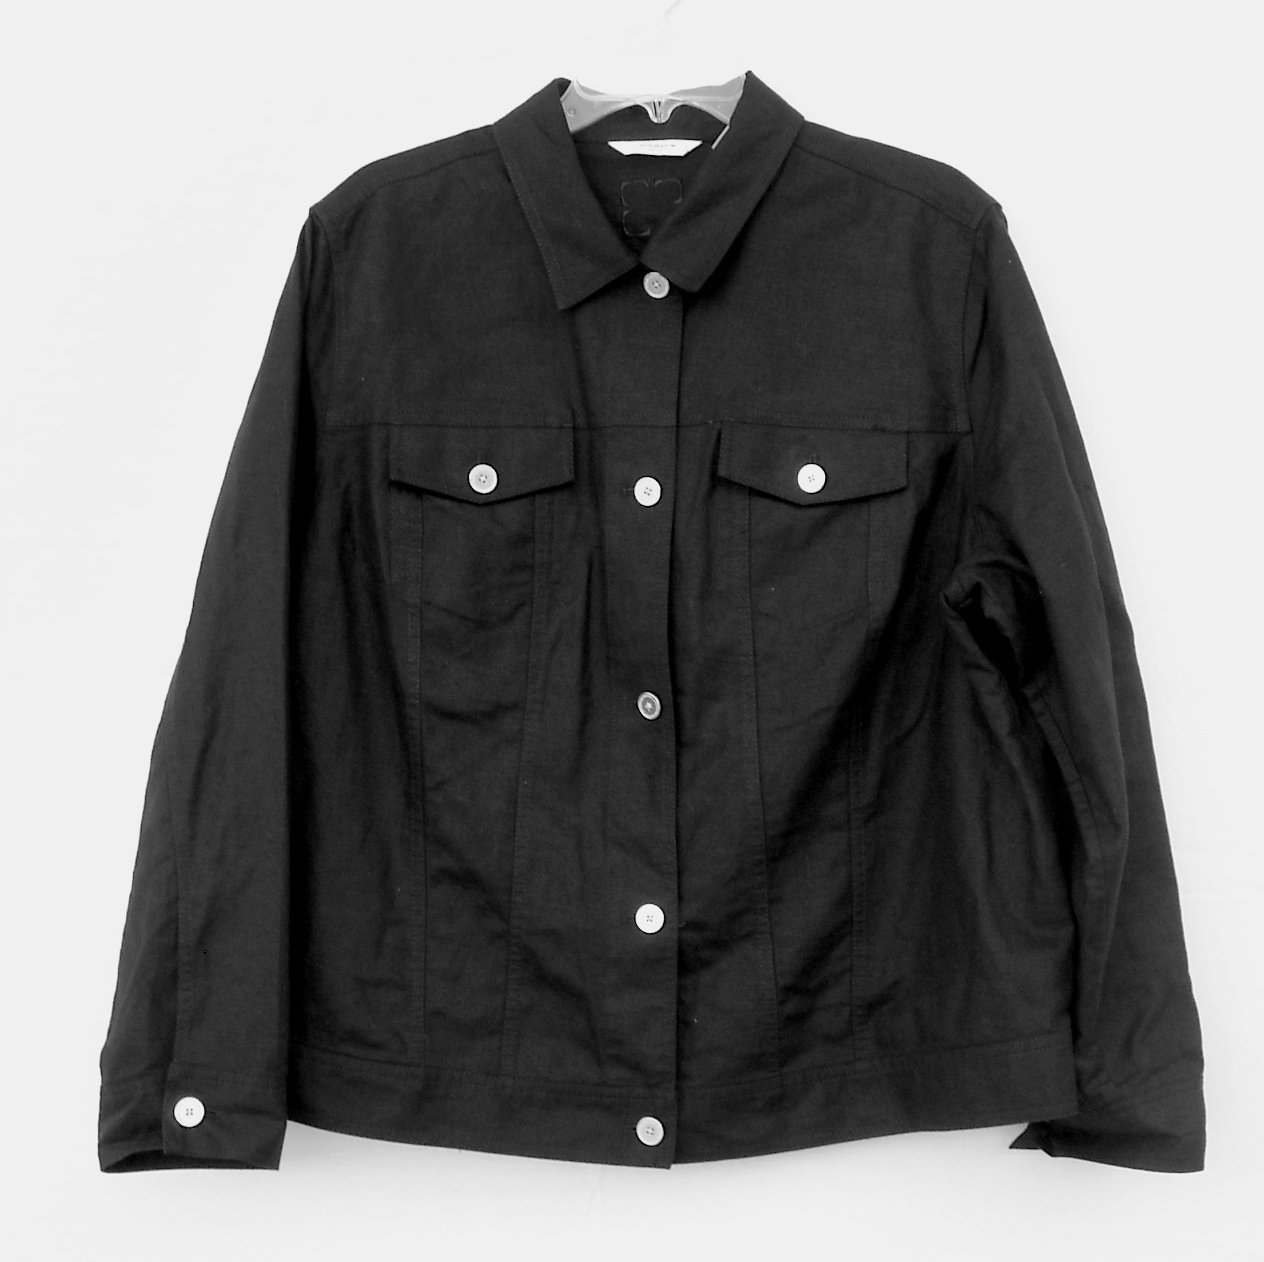 Liz Claiborne Womens Misses Black Jacket Size 18 W